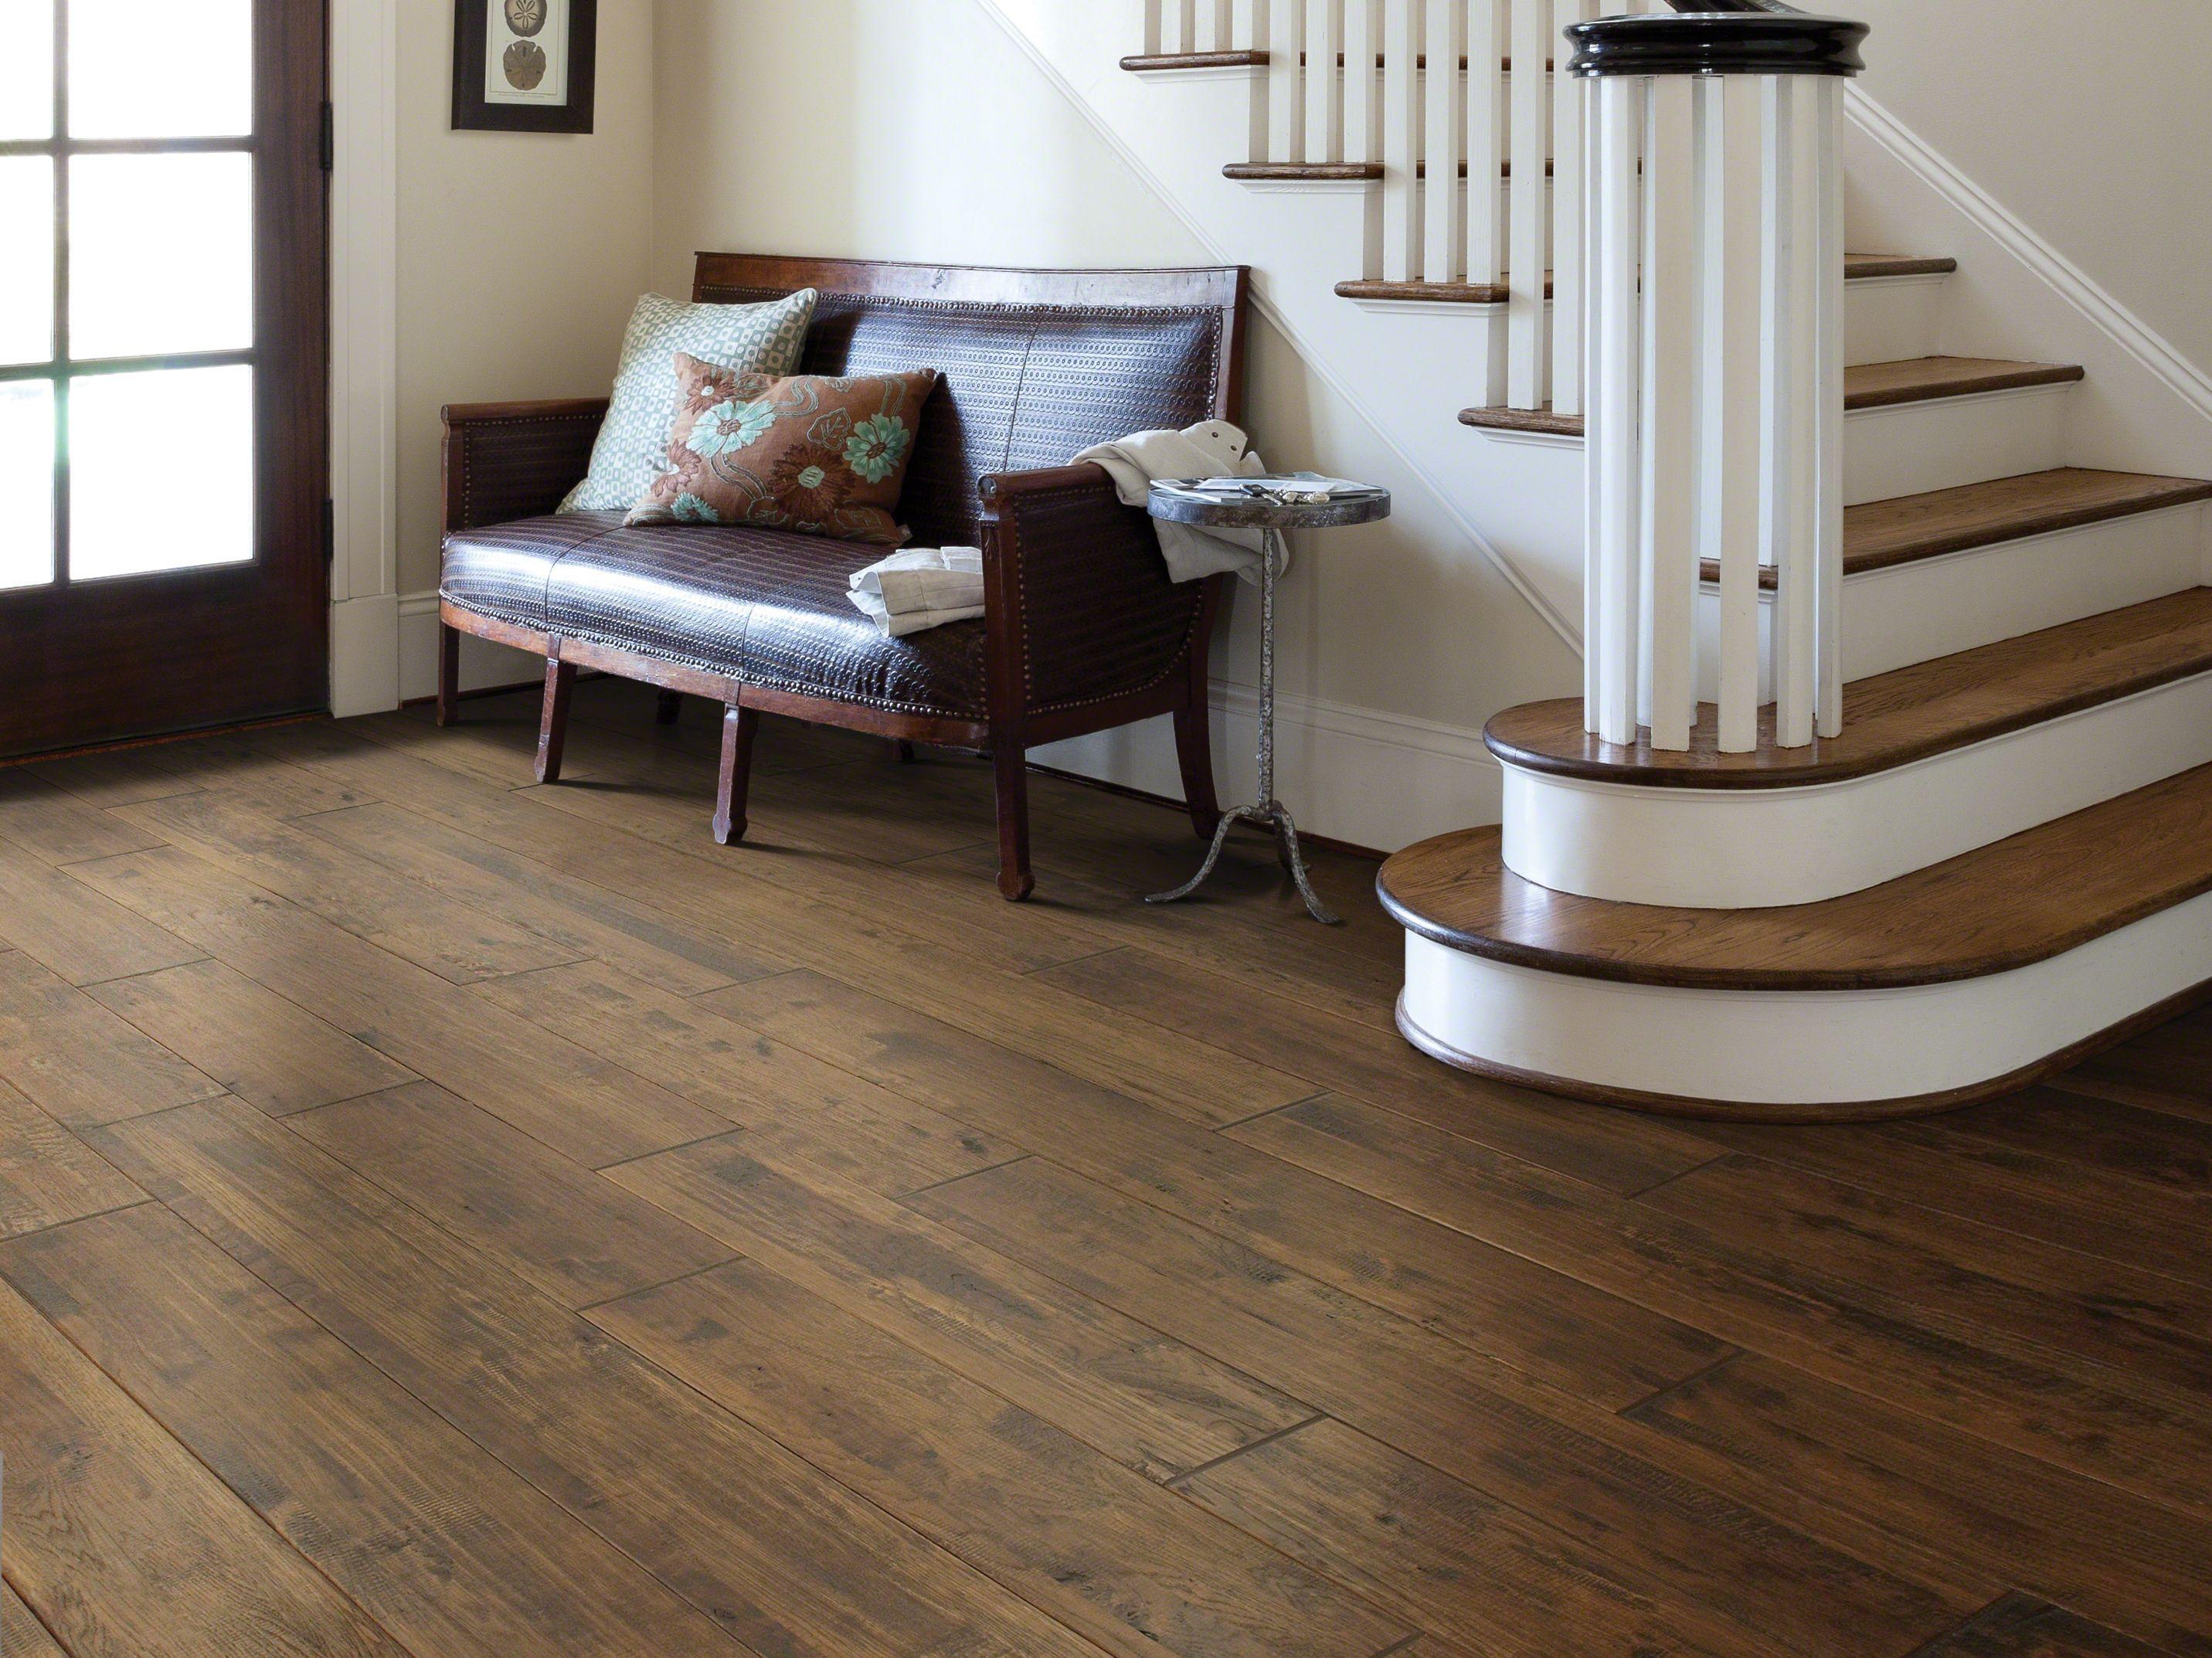 Solid vs. Engineered Hardwood Flooring Engineered wood